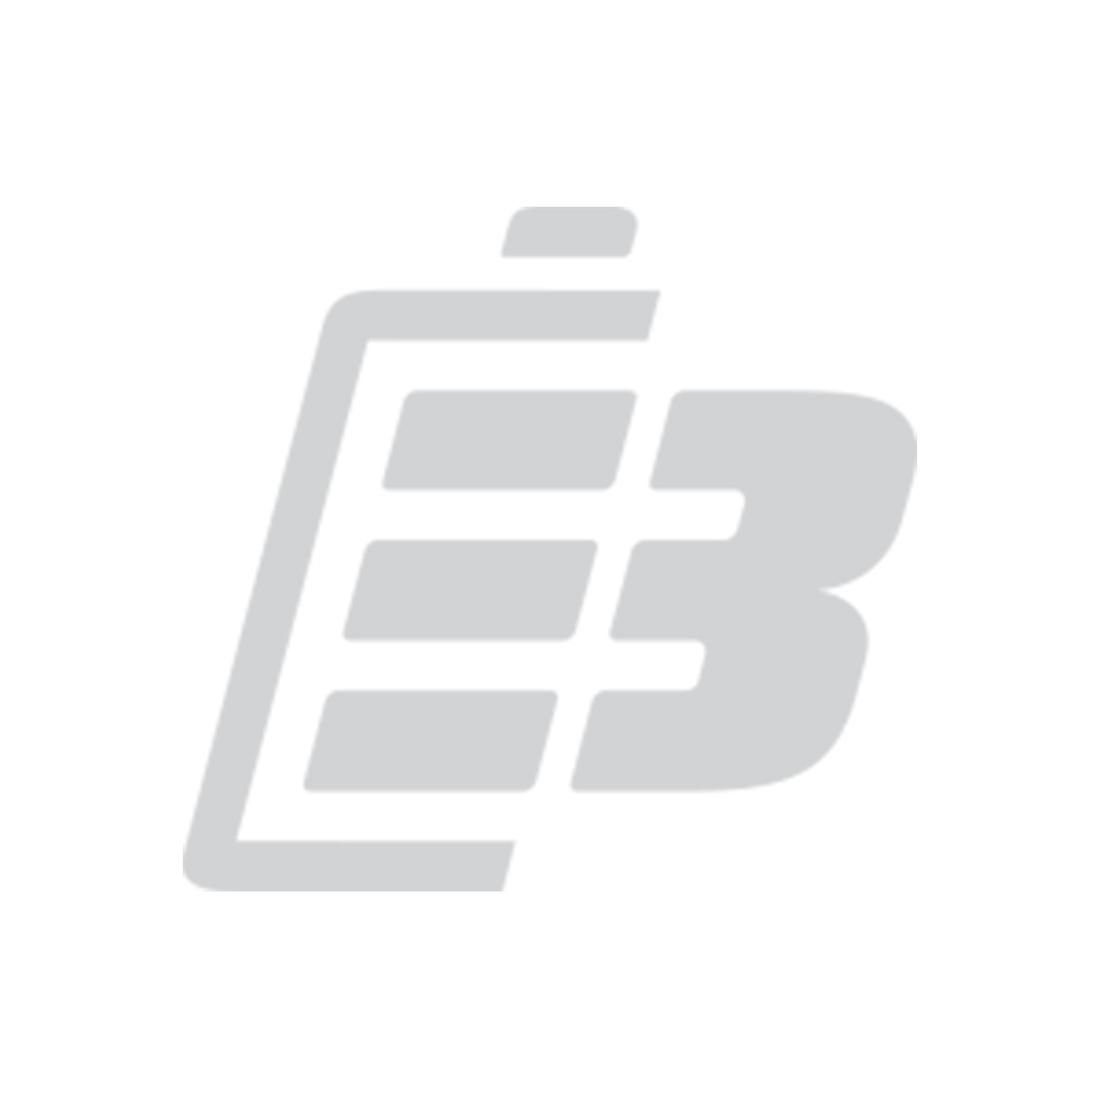 Μπαταρία κινητού τηλεφώνου Sony Ericsson K750_1